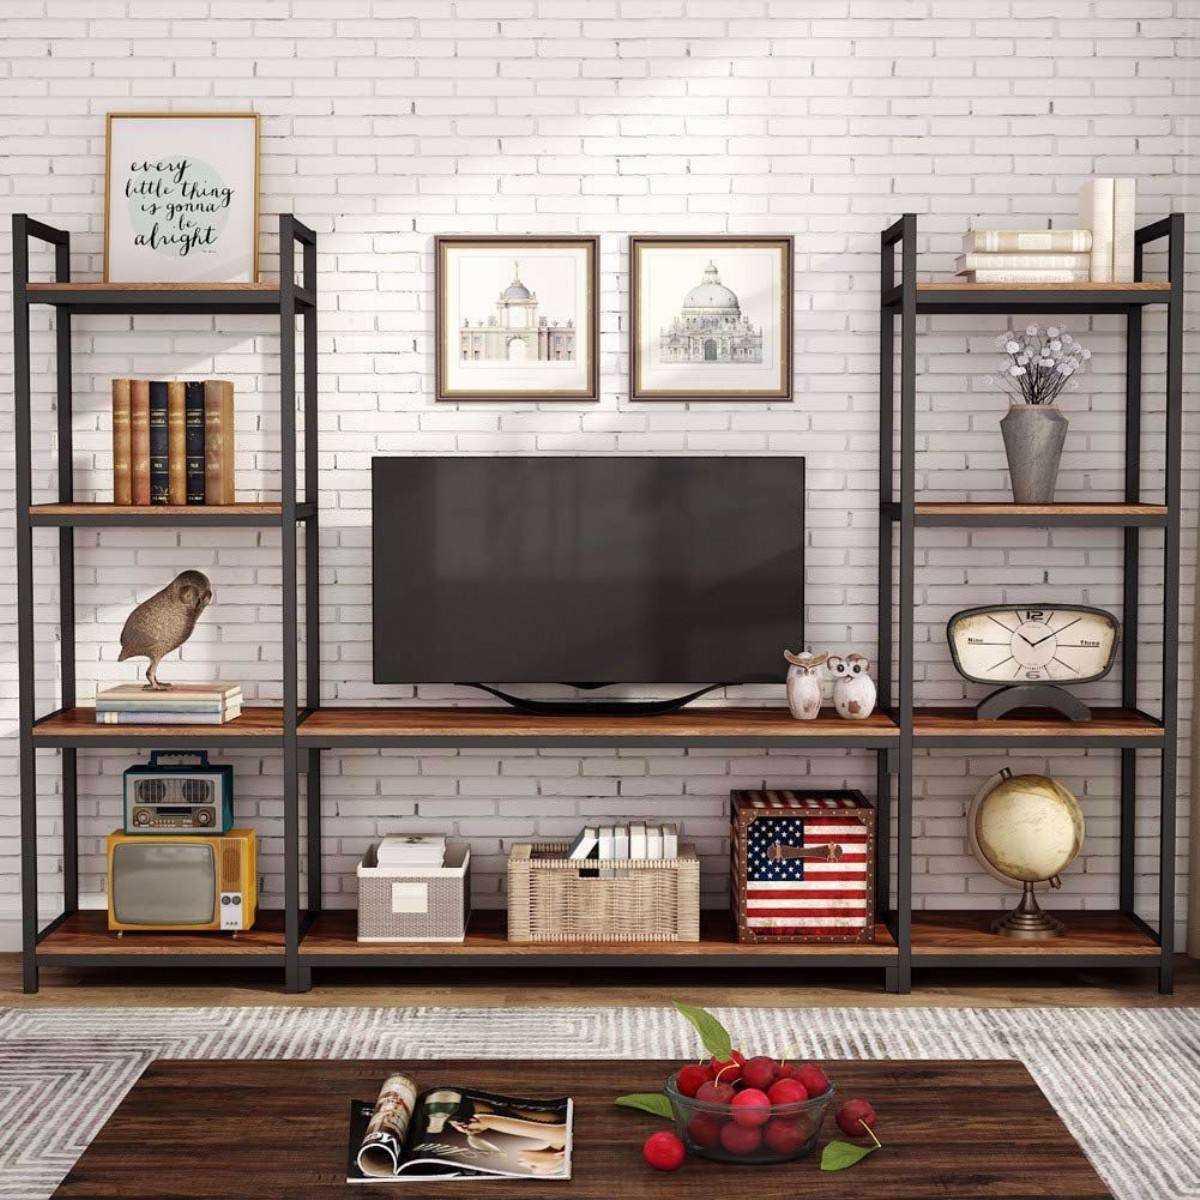 Zizuva Tasarım Modern Kitaplıklı Tv Sehpası